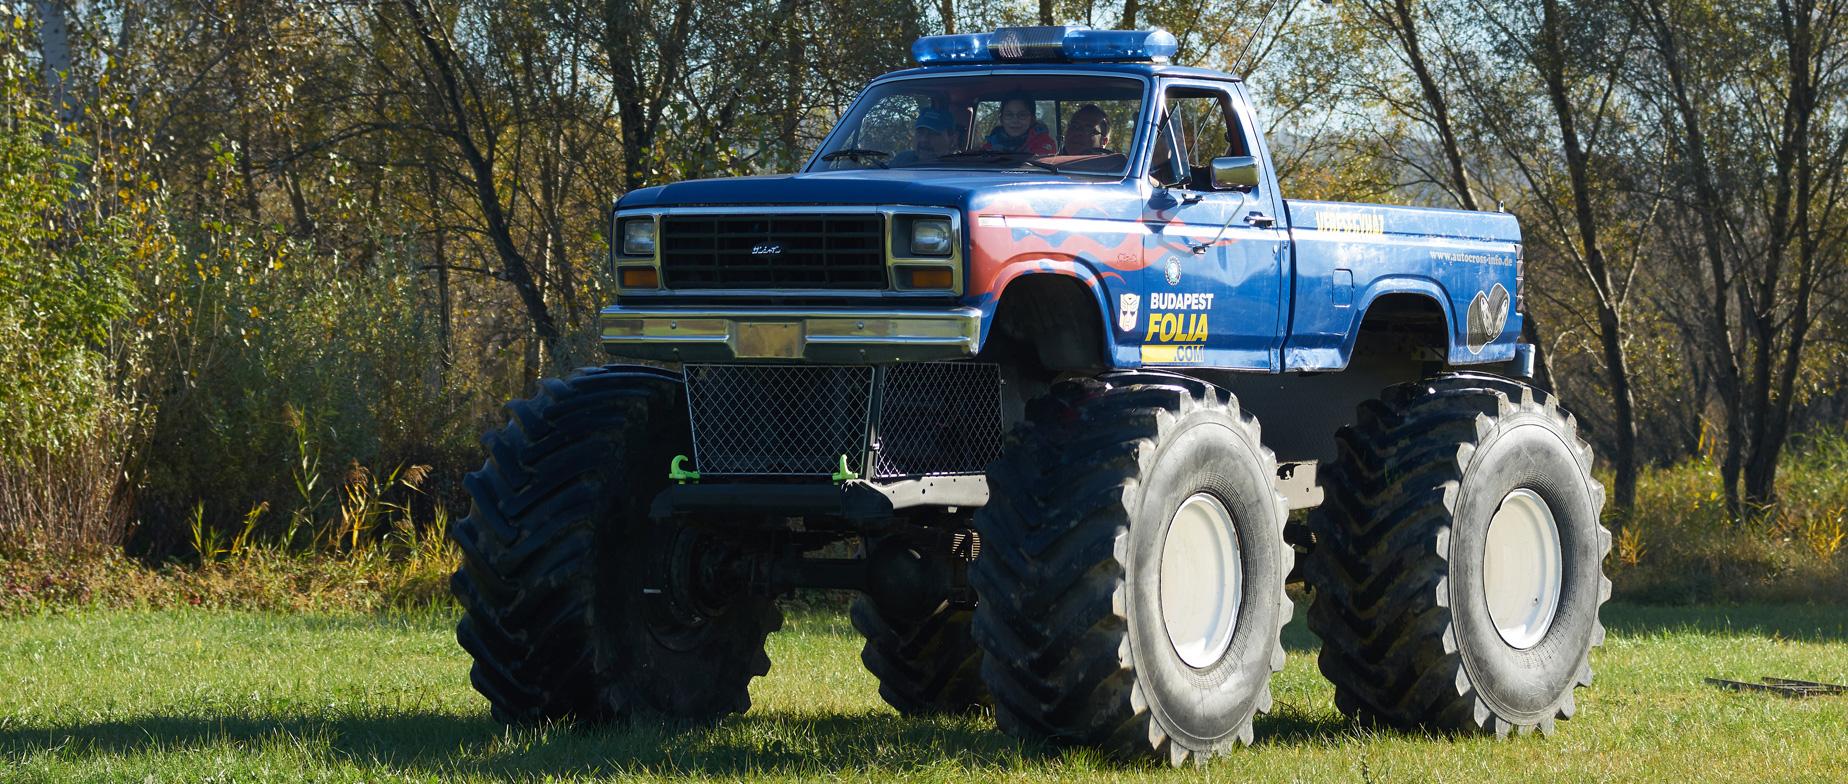 Monster Truck Ford F150 Bigfoot élményvezetés